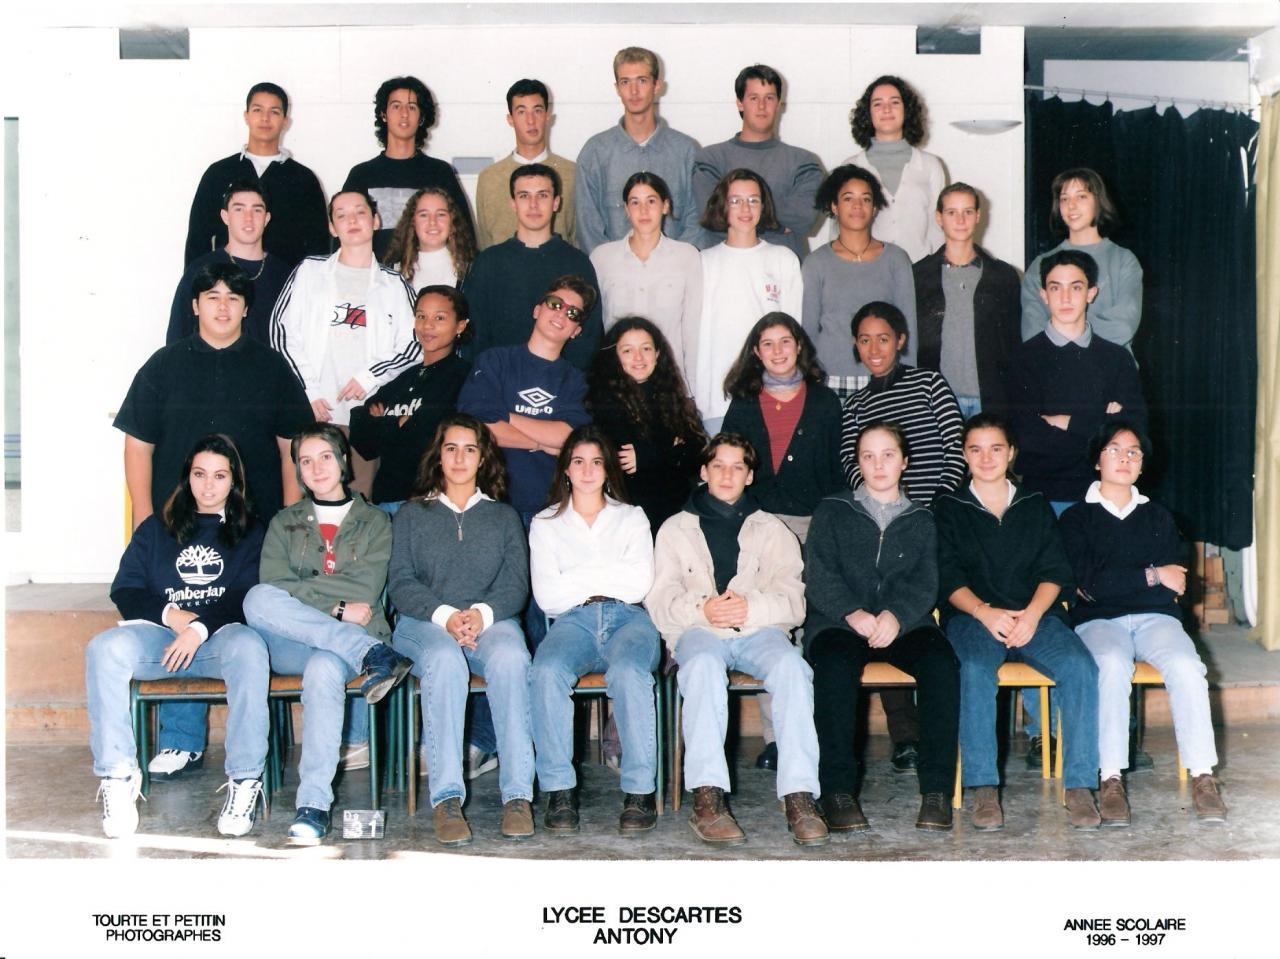 1997 - 1ES2 - TOURTE